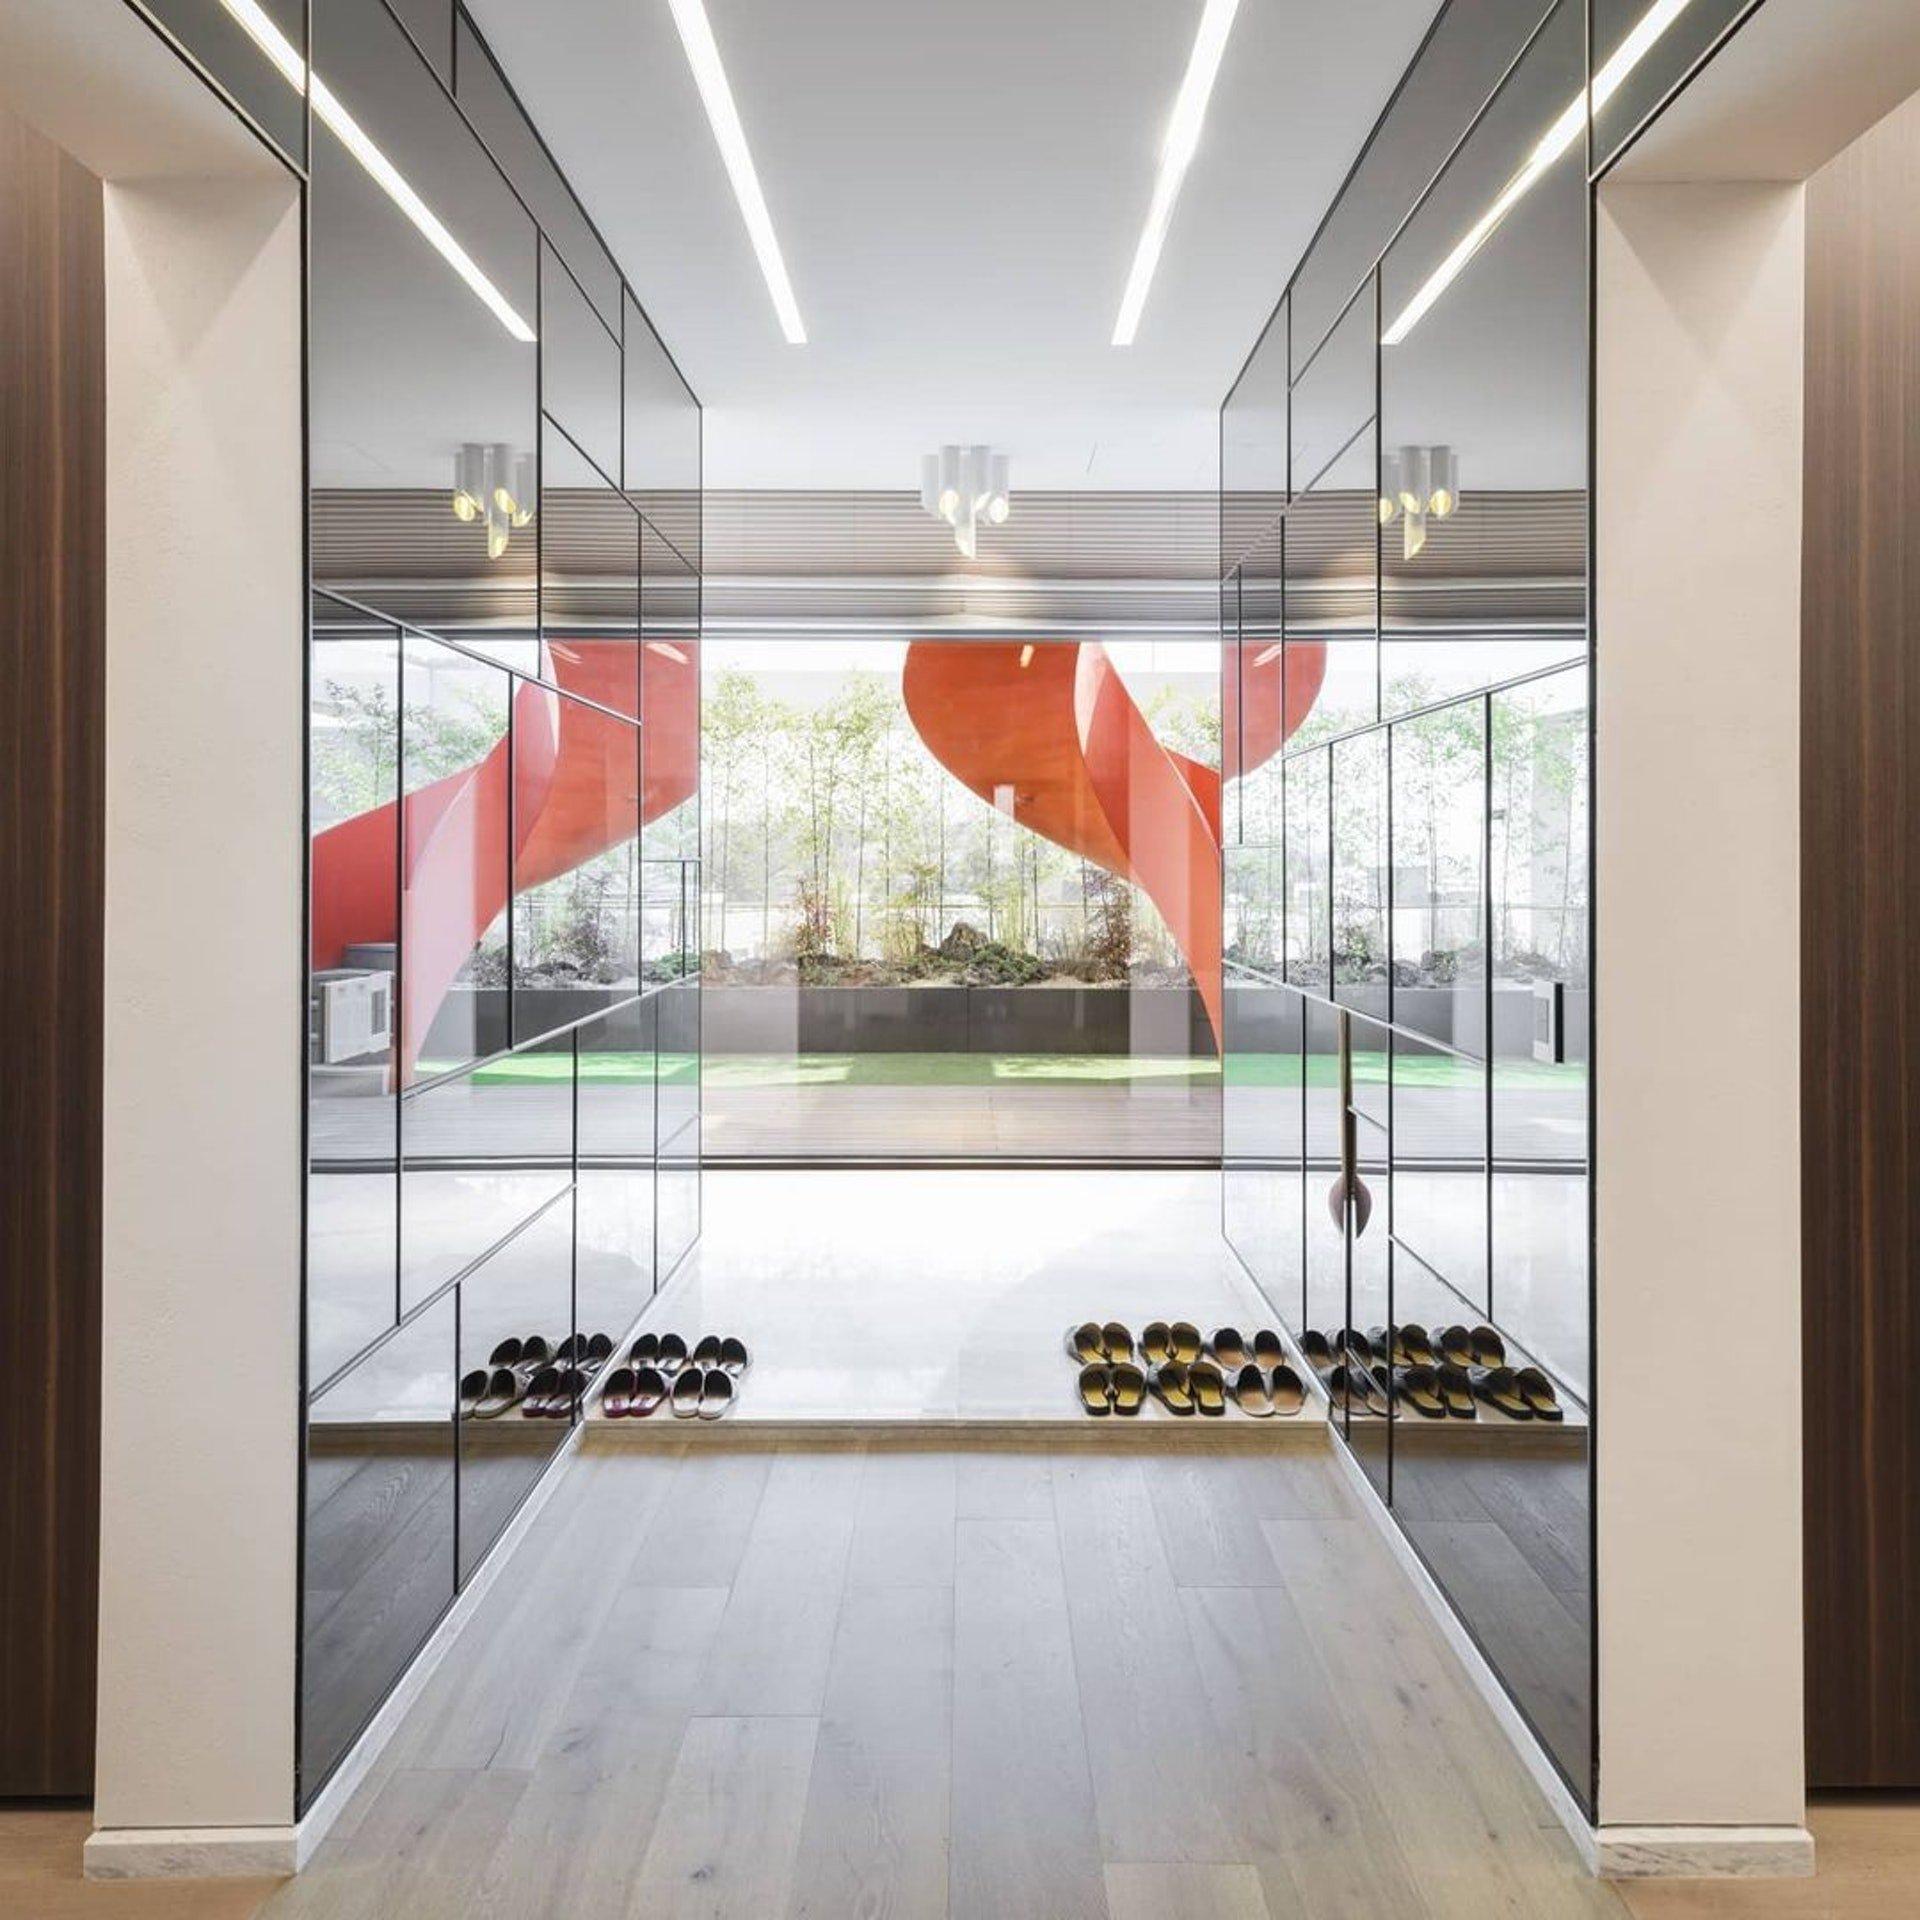 Penthouse mới giá gần 100 tỷ của Hyun Bin gây choáng ngợp vì độ sang chảnh - Ảnh 11.